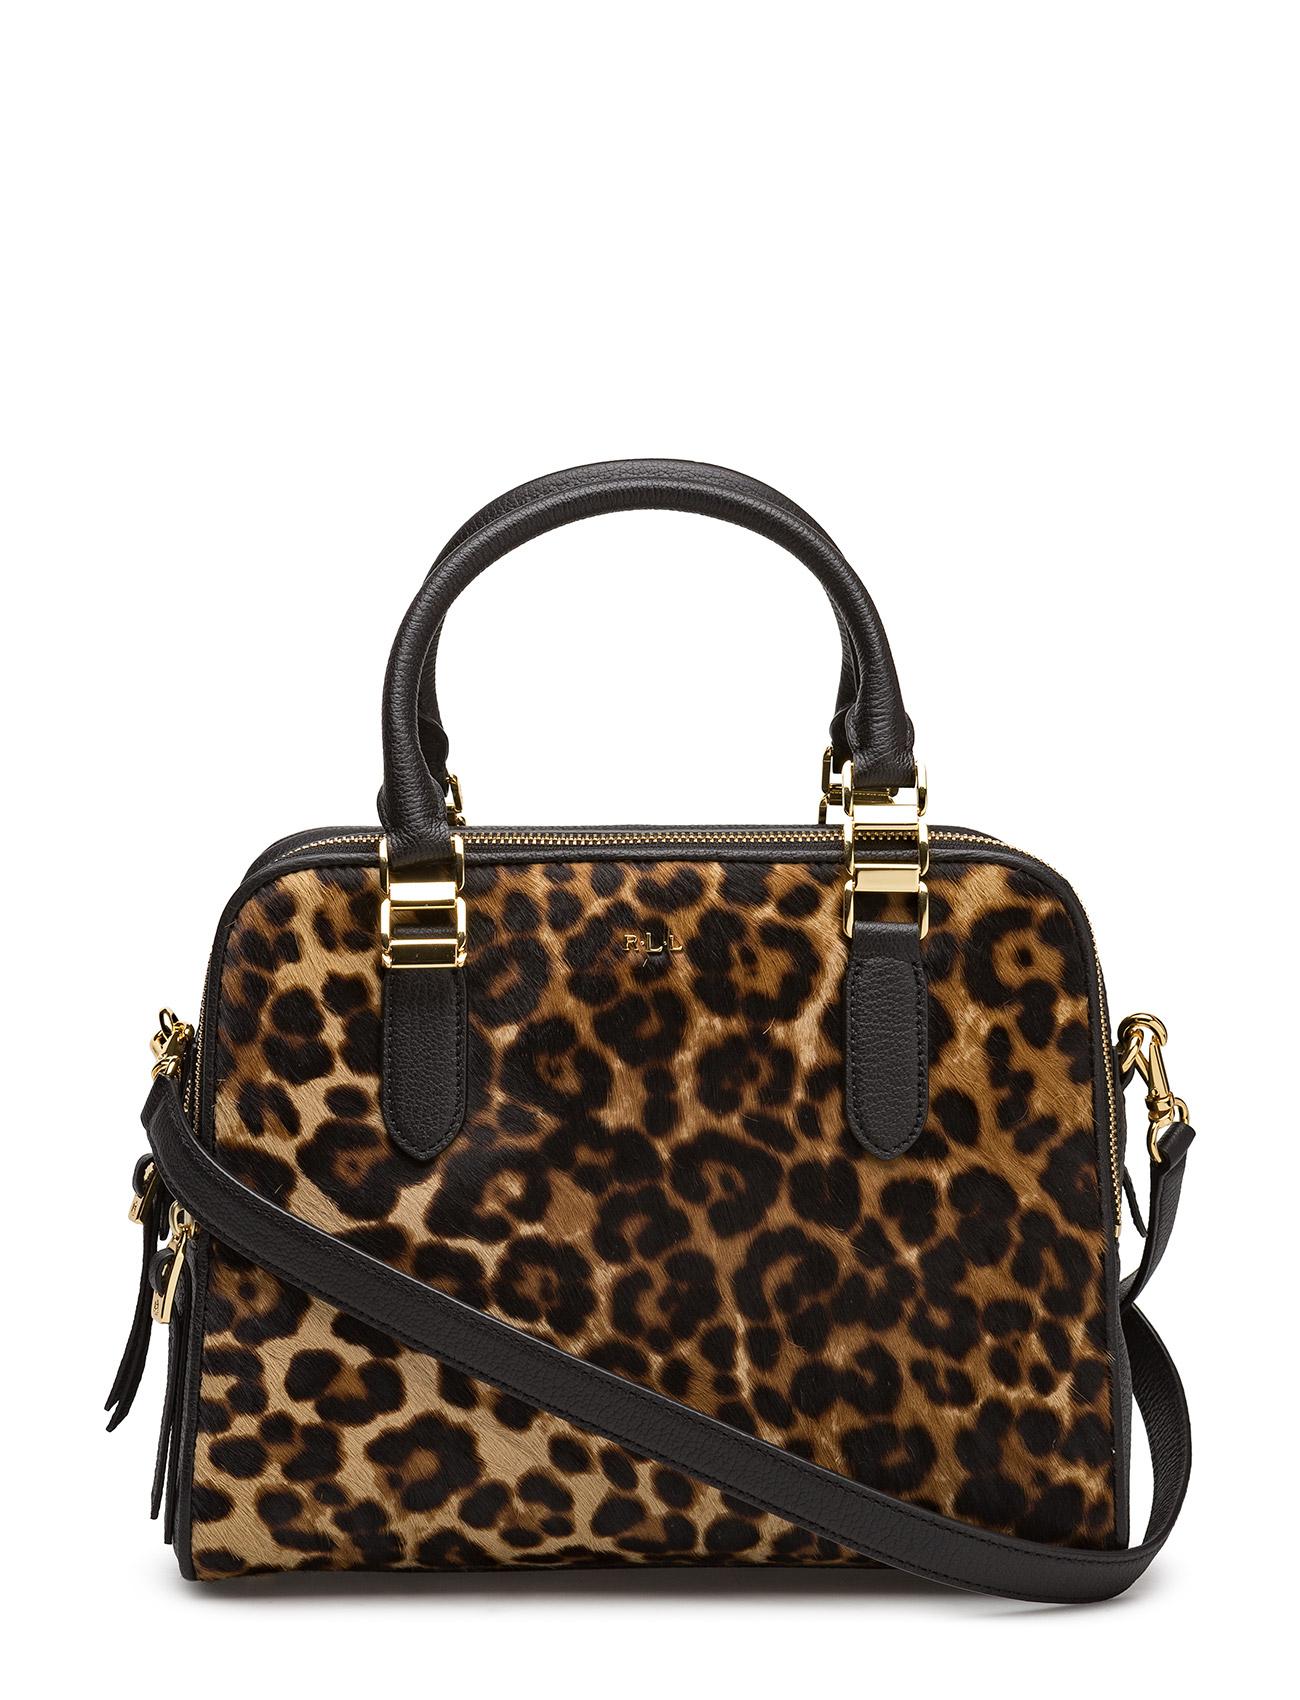 7c11d3dee84 Dan is deze tas van Ralph Lauren een aanrader. De tas heeft een extra vakje  aan de voorkant, voor je belangrijkste spullen.